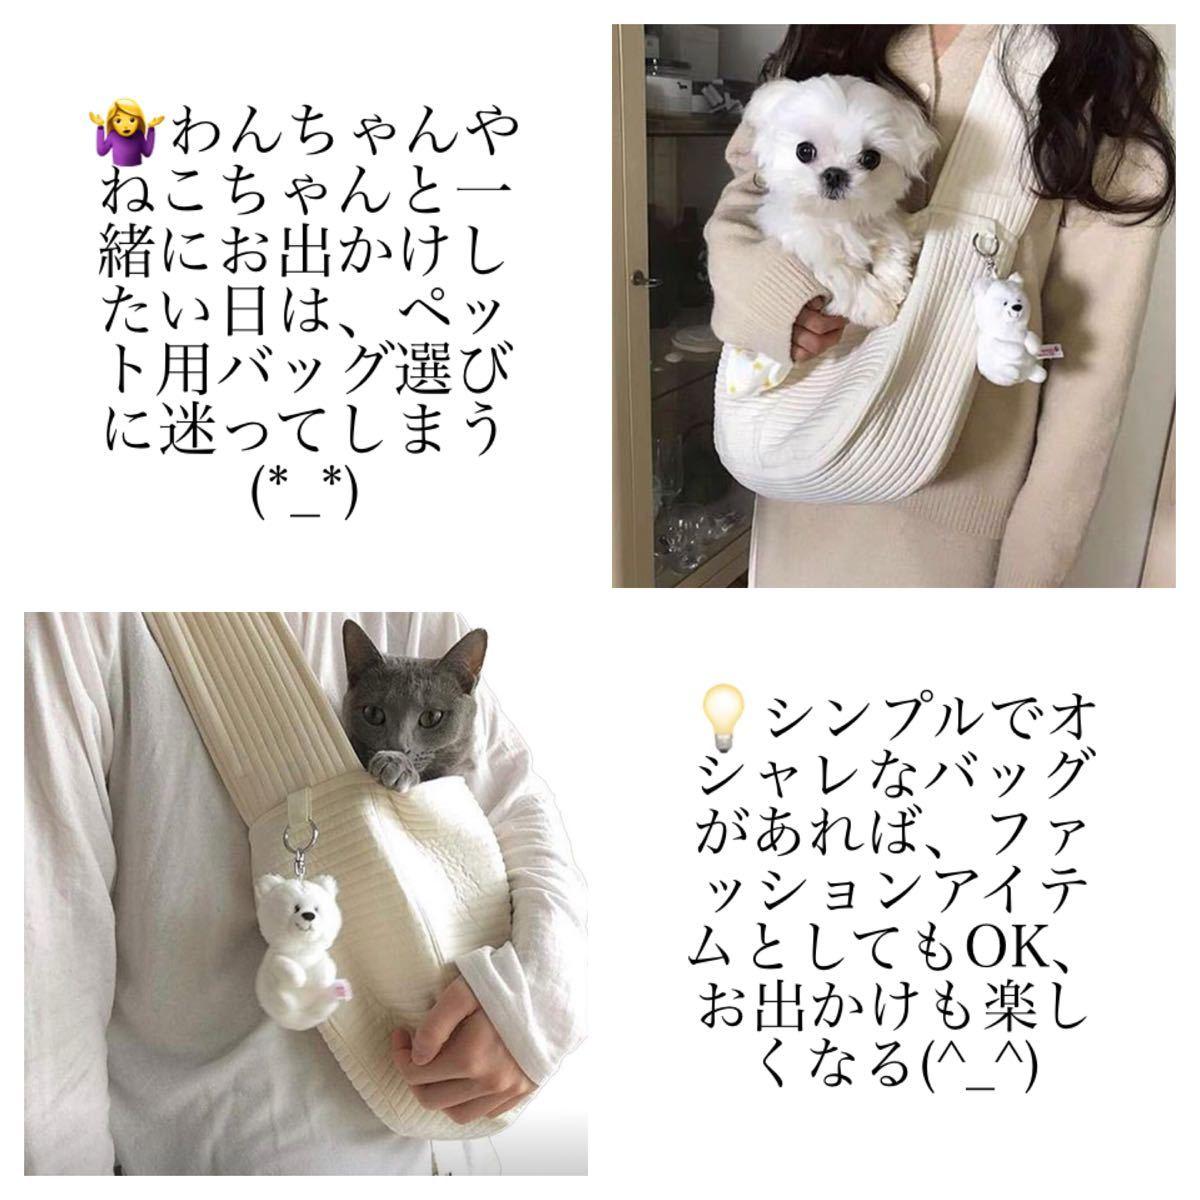 ペットバッグ ペットキャリー 小型犬 猫用バッグスリング抱っこ紐安全ロープ付き